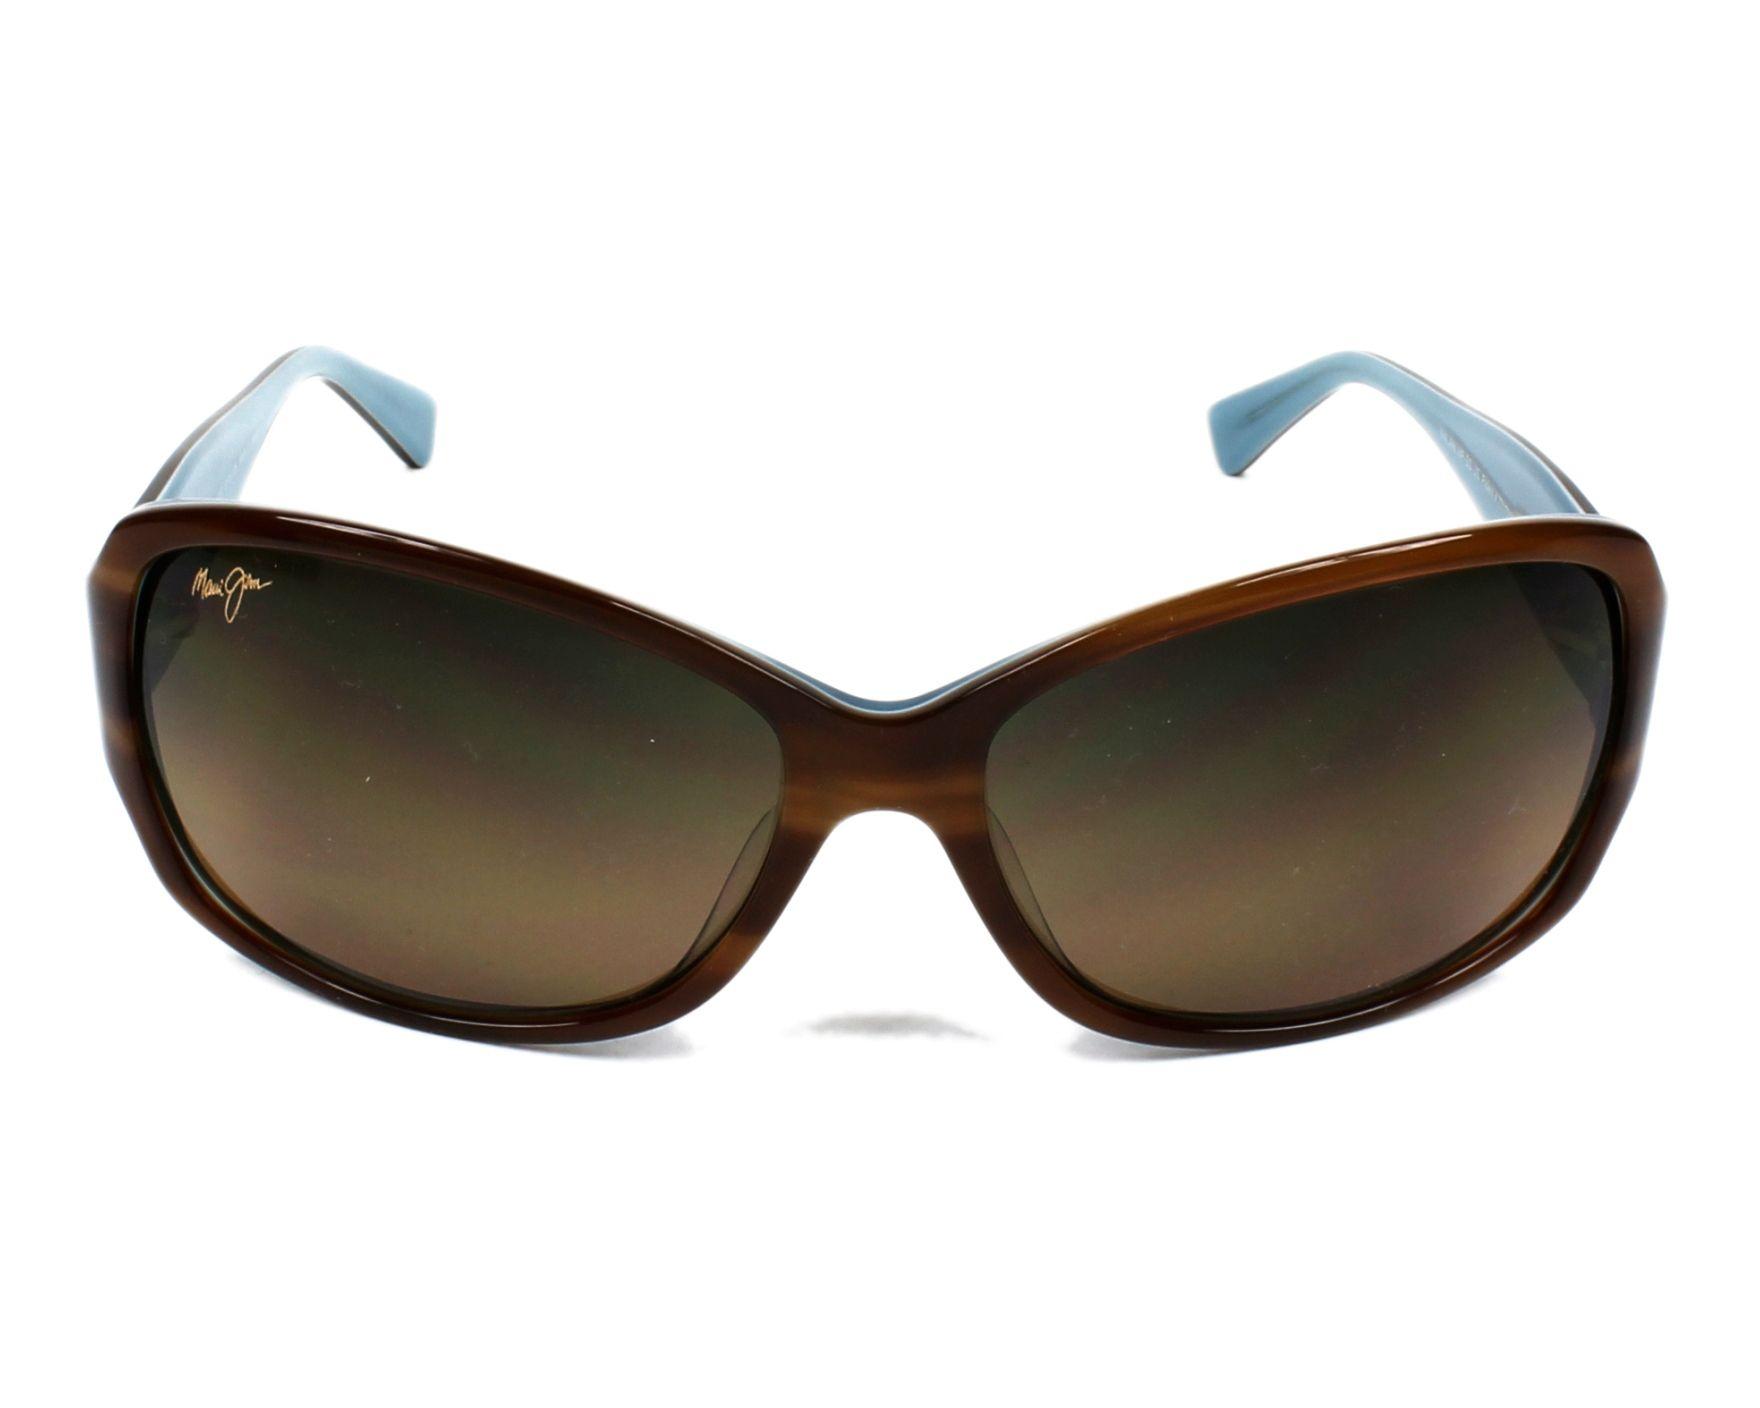 Lunettes de soleil maui jim hs 295 03t havane avec des verres bronze - Verre lunette raye assurance ...